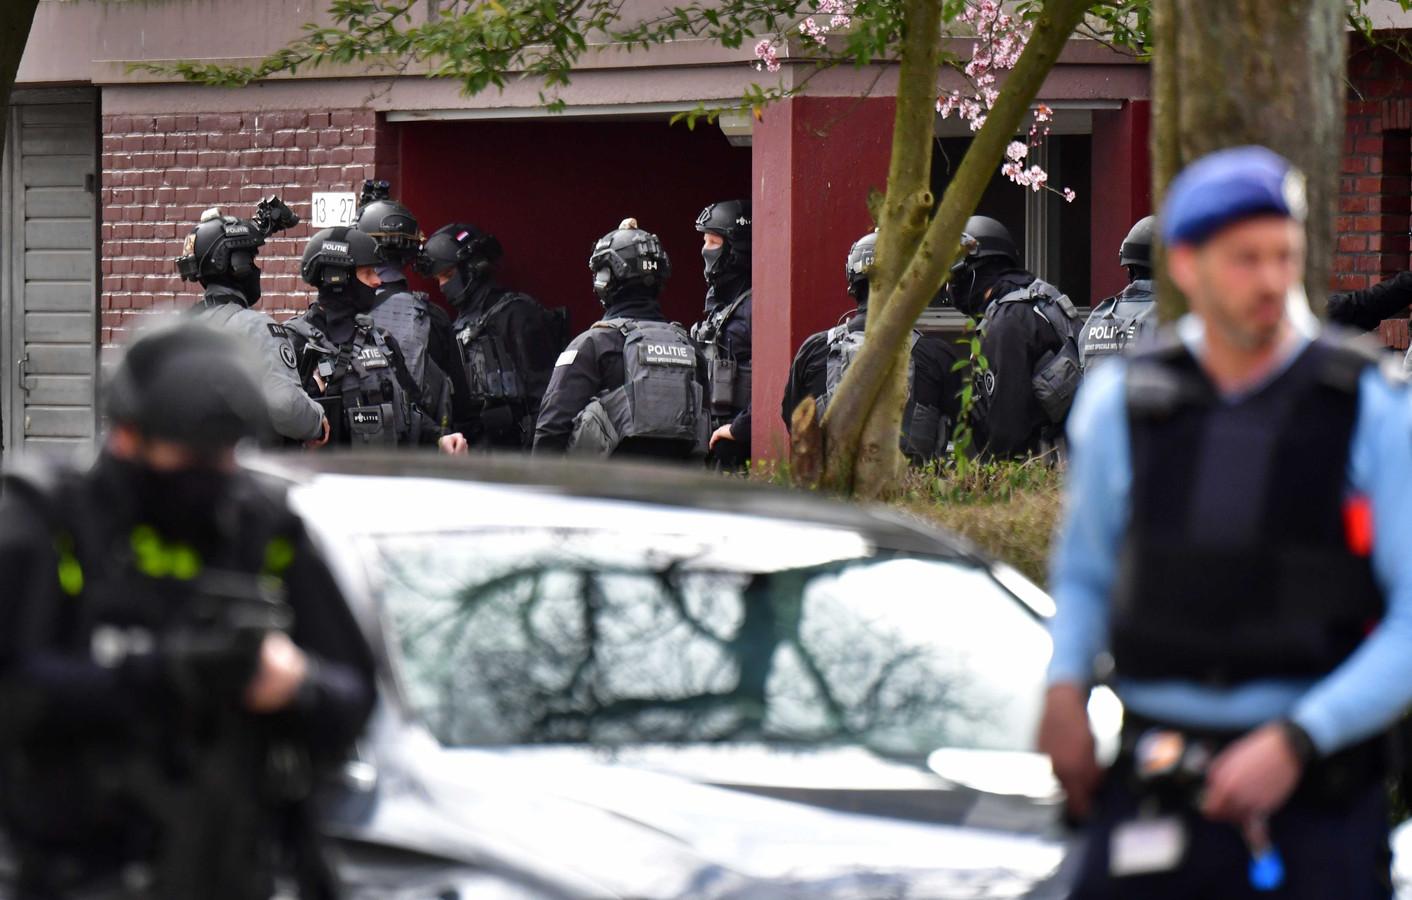 Speciale eenheden van de politie in de Trumanlaan.